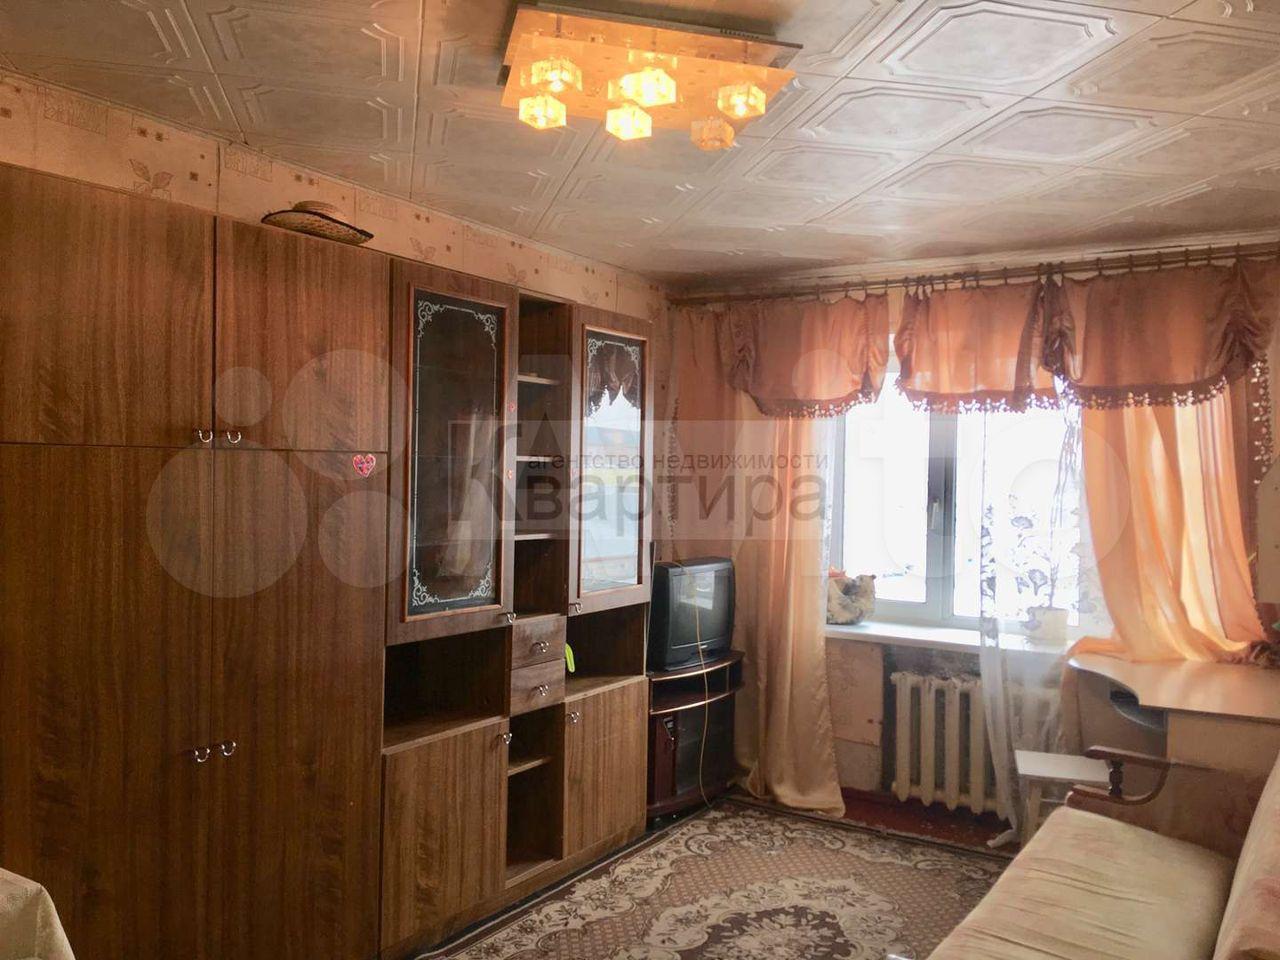 2-к квартира, 43 м², 5/6 эт.  89203330361 купить 2